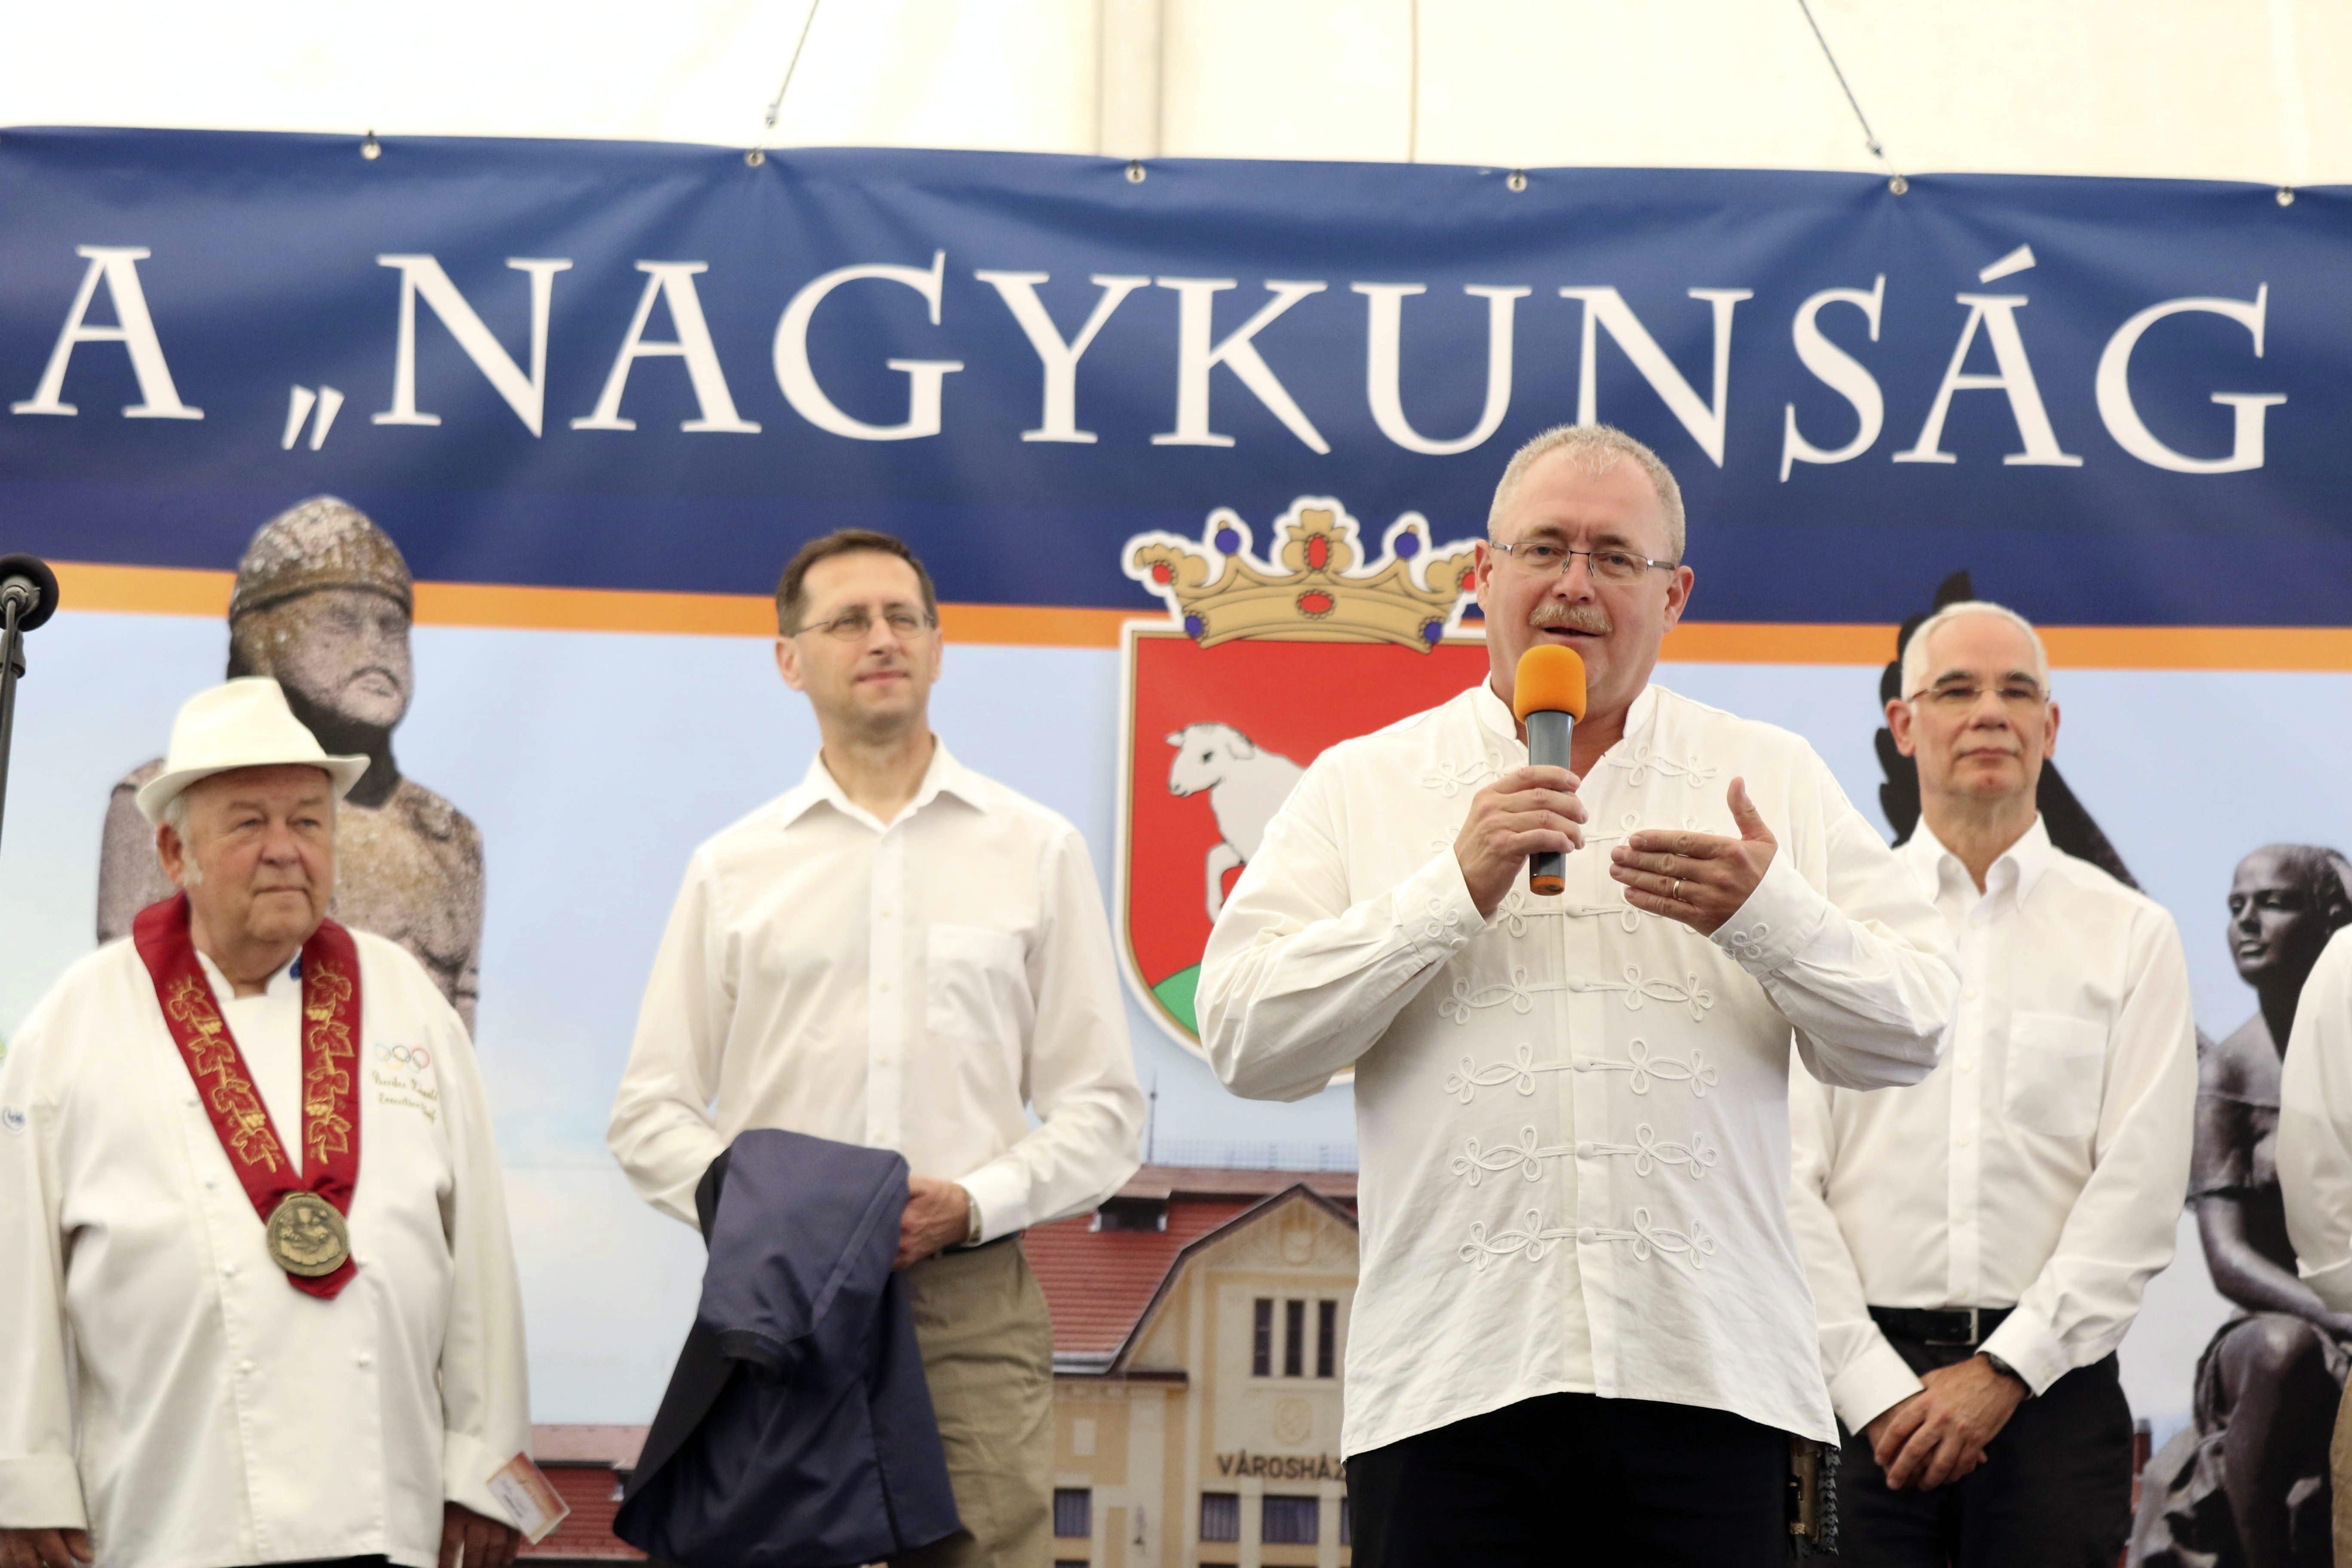 Hány magyar miniszter kell ahhoz, hogy Benke Laci bácsi sikeresen megnyisson egy birkafőző fesztivált?